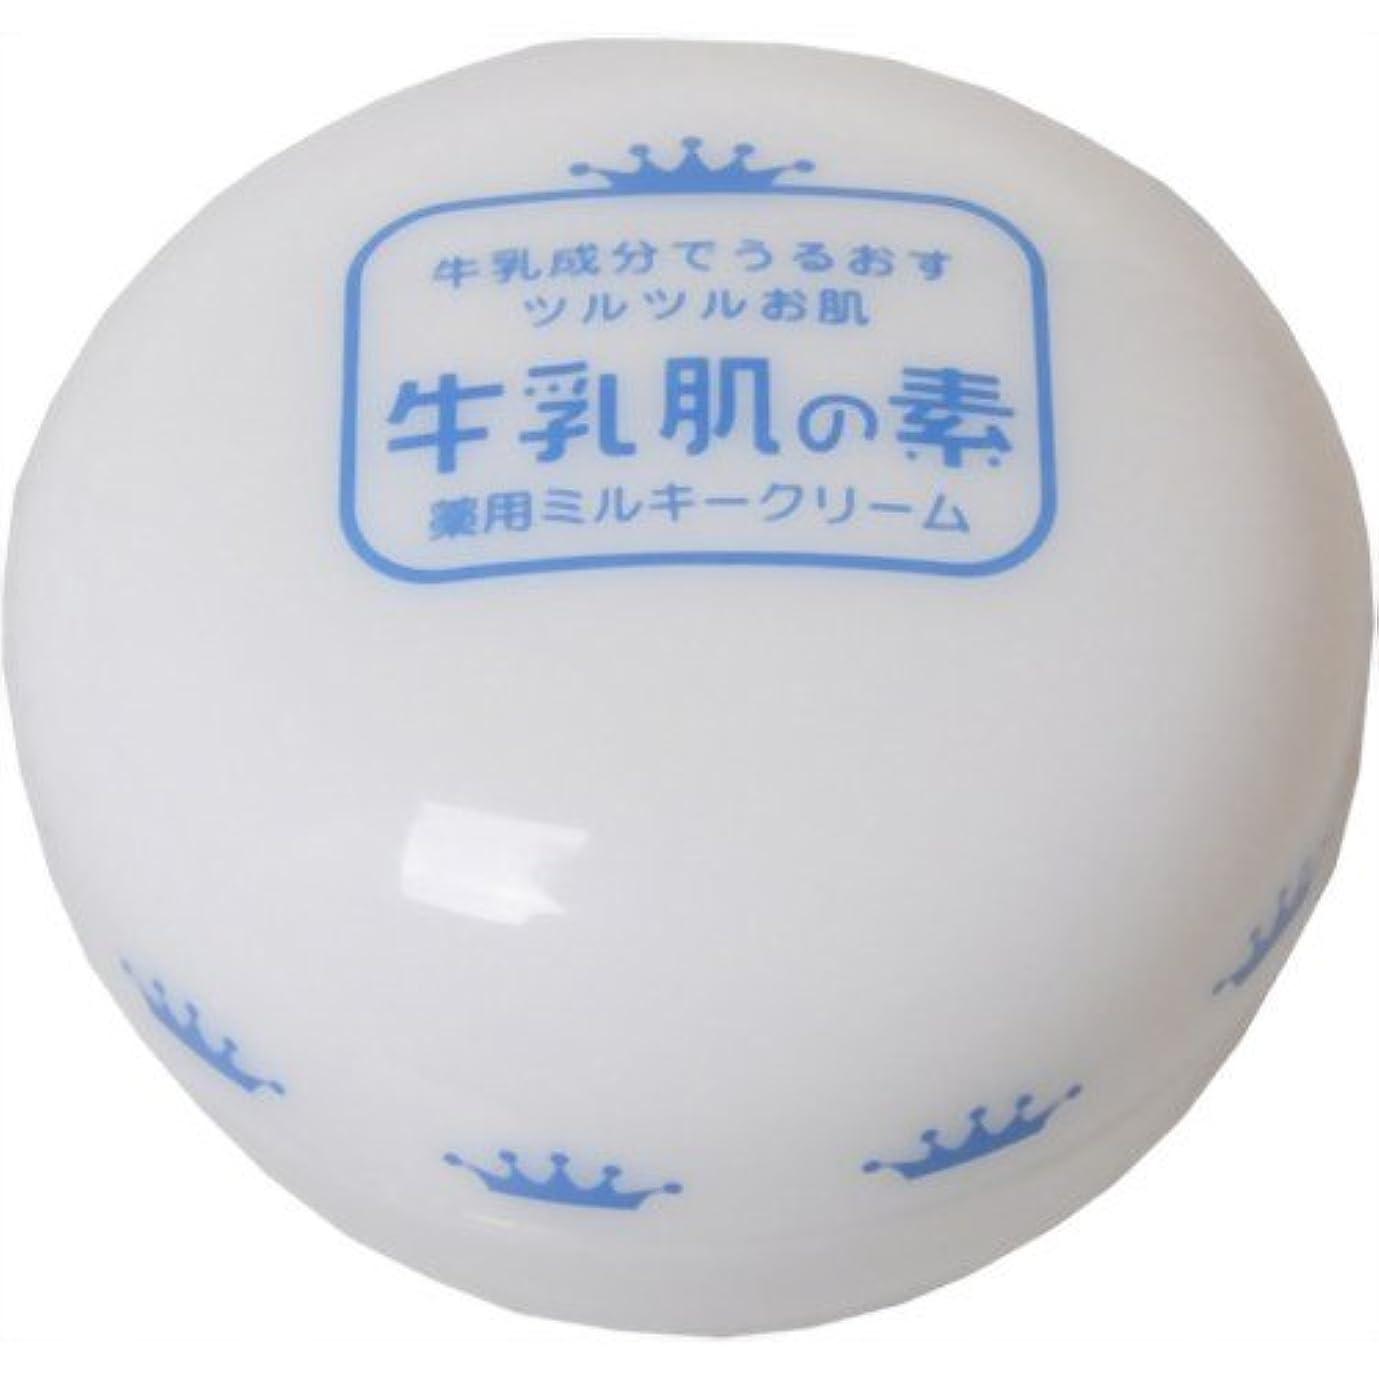 毎月クロニクル荒涼とした牛乳肌の素 薬用ミルキークリーム 20g